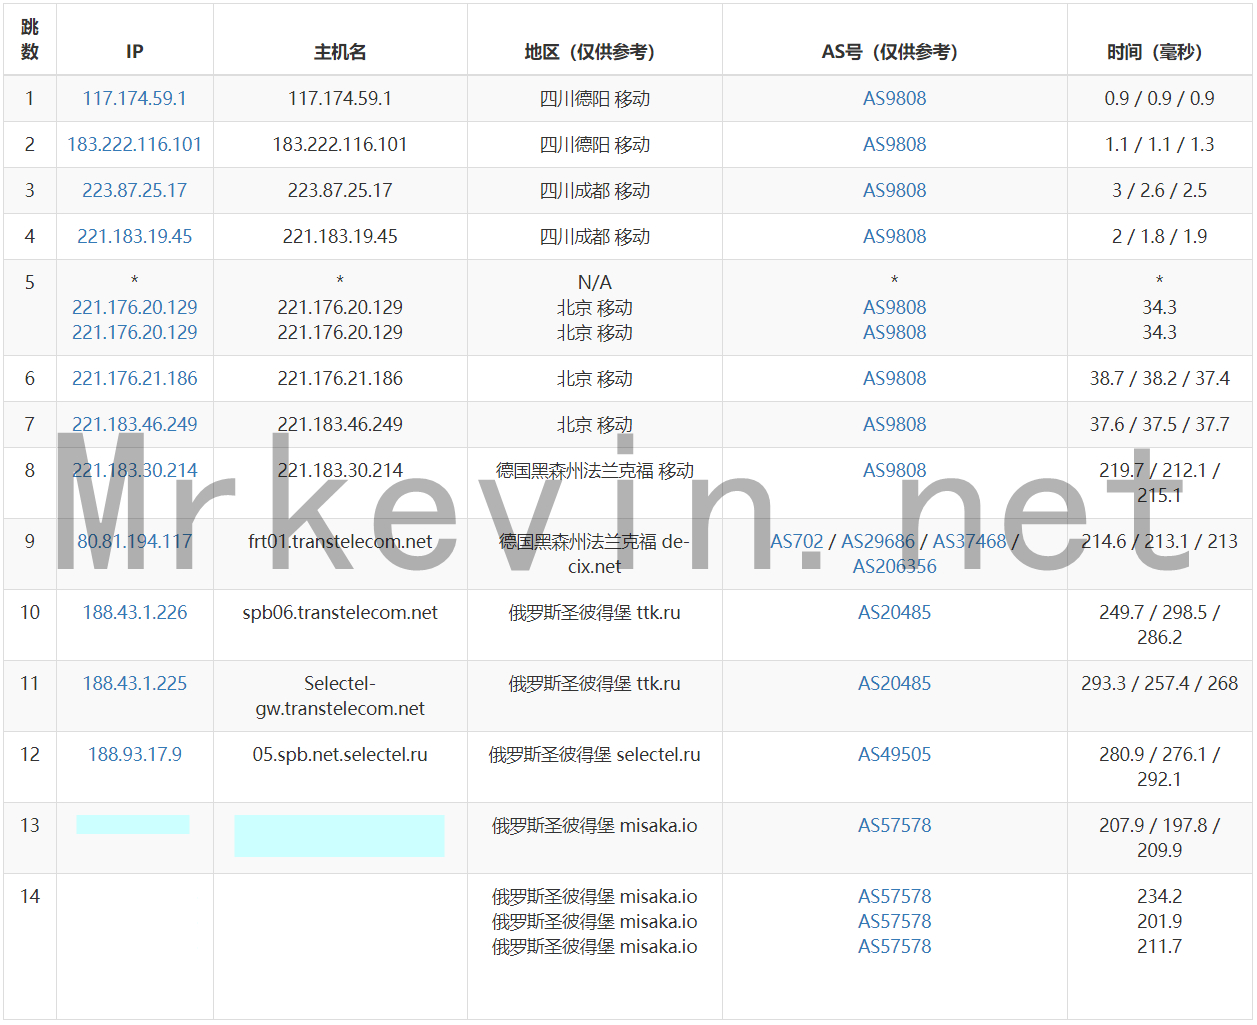 『测评』ZeptoVM-512M内存/10G SSD/512G流量/2*10Gbps带宽/俄罗斯CN2 VPS深度测评报告 主机测评 第9张